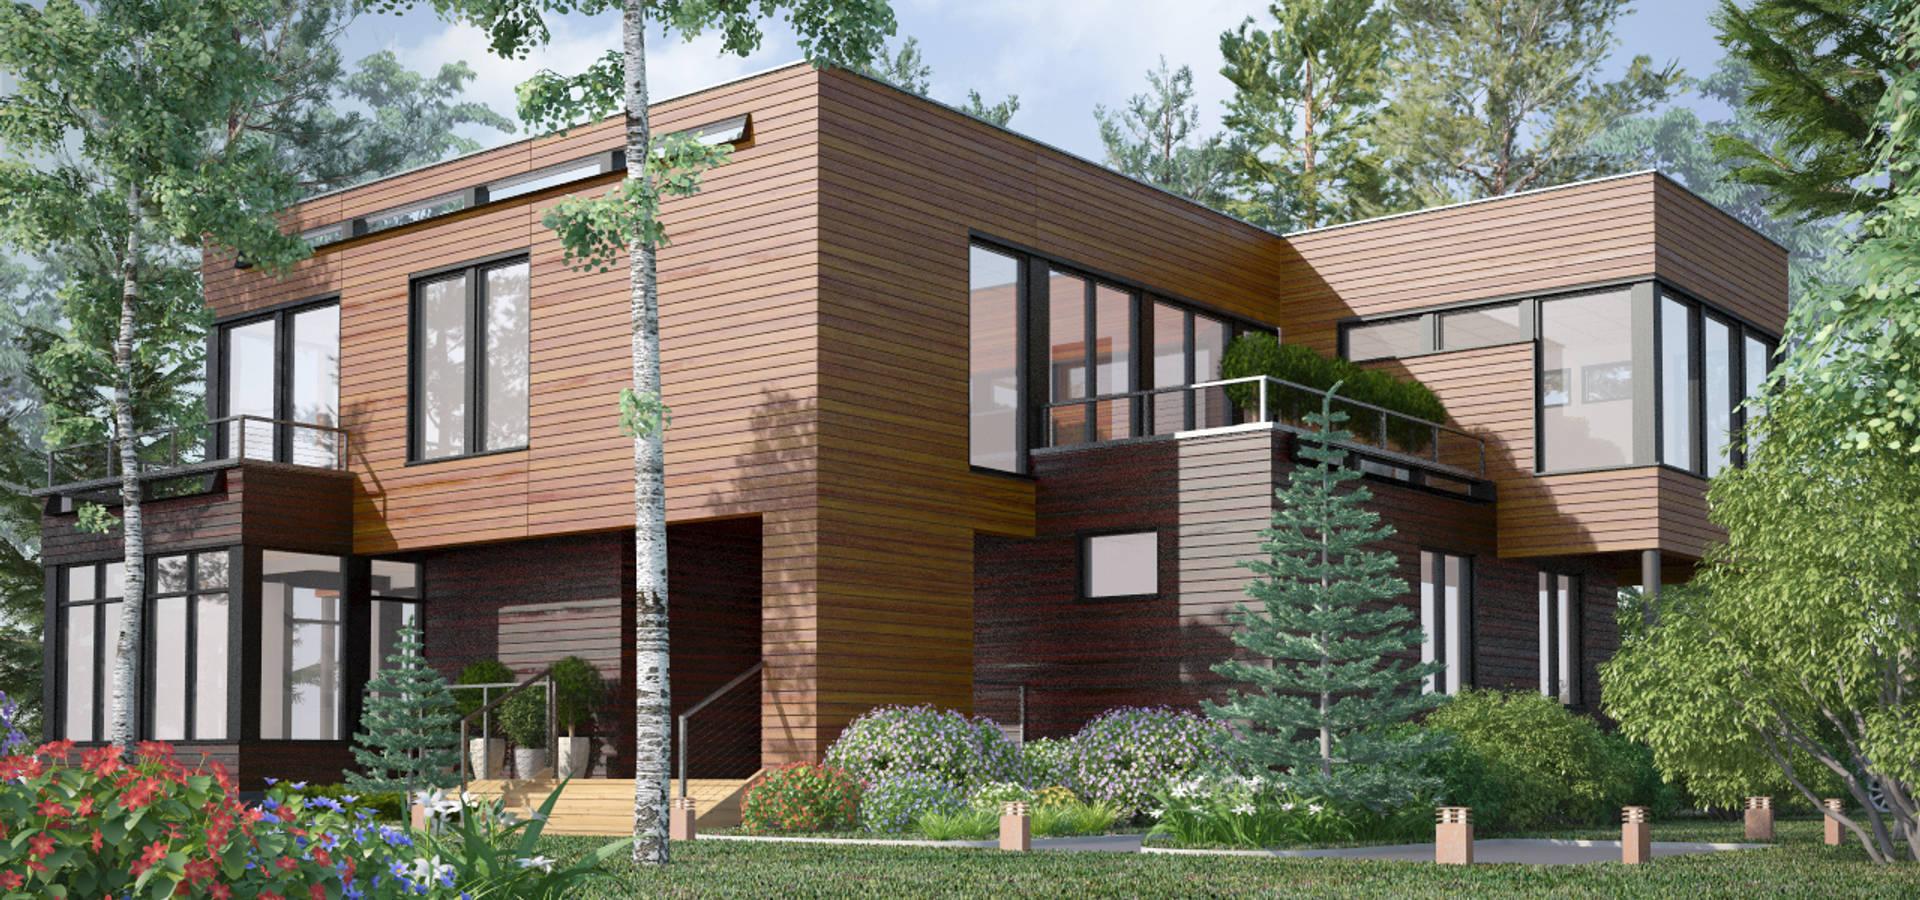 Studio of Architecture and Design <q>St.art</q>